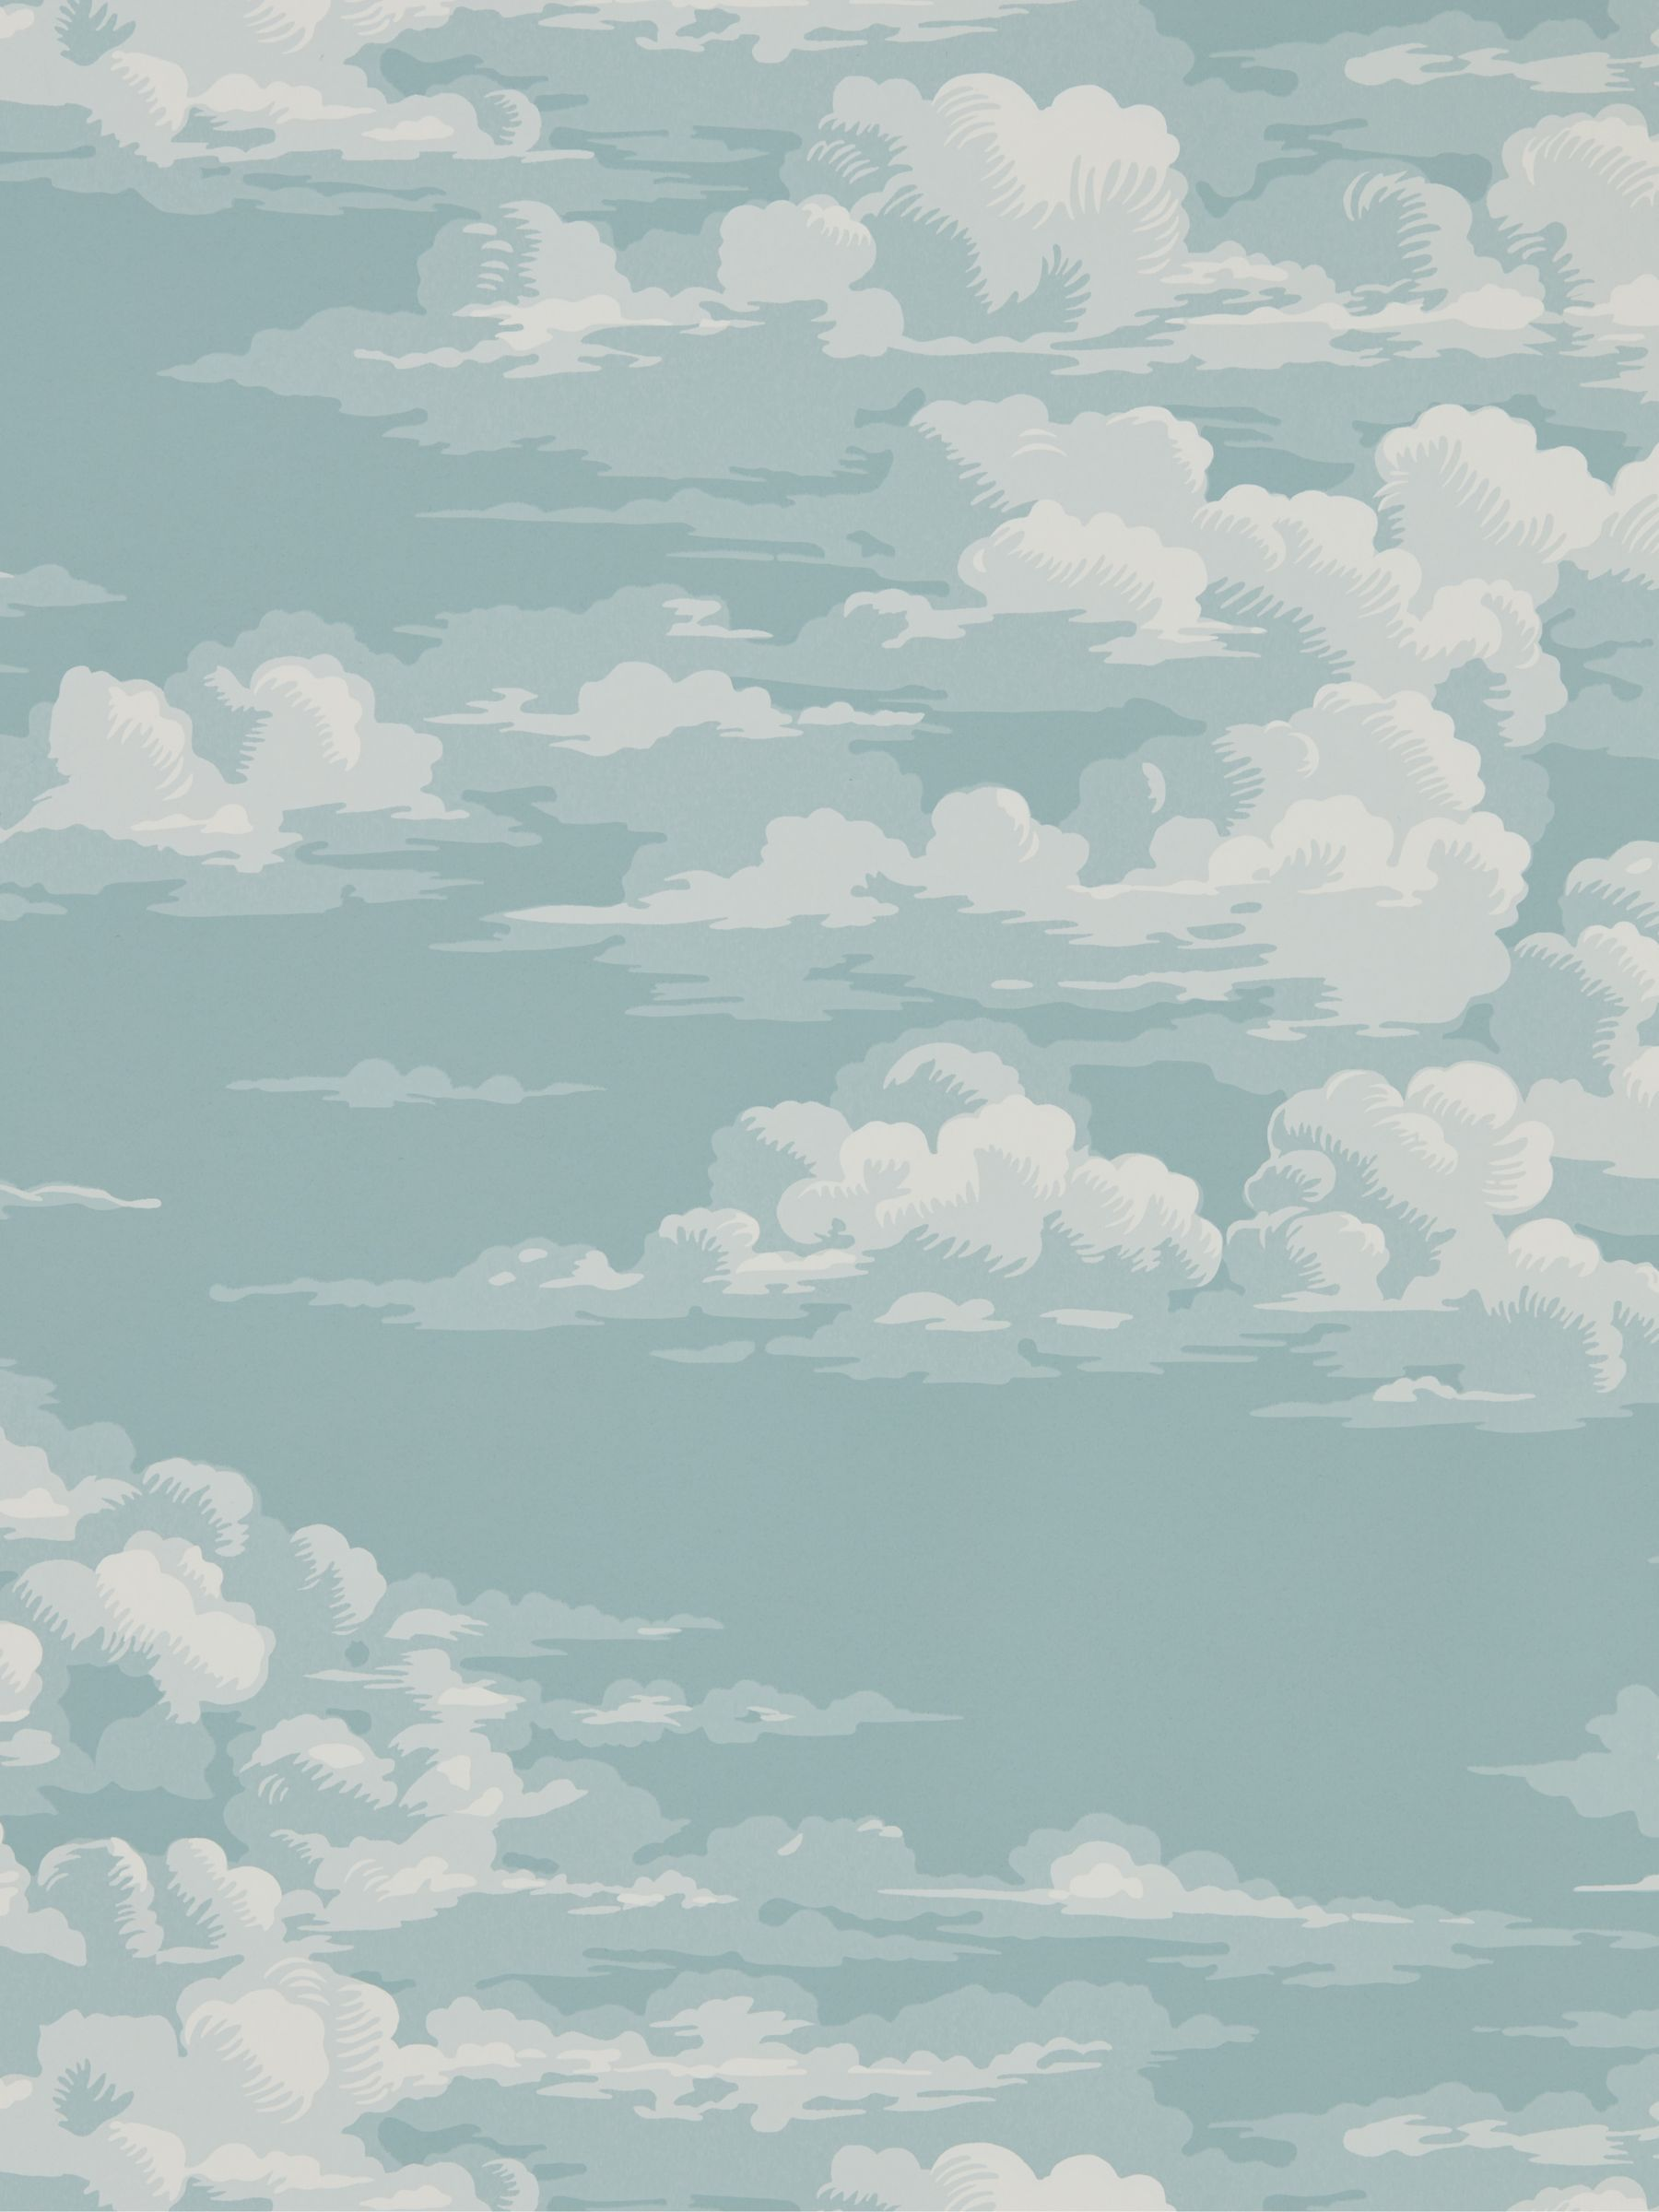 прошлой неделе картинки красить небо происхождению, сейчас живет